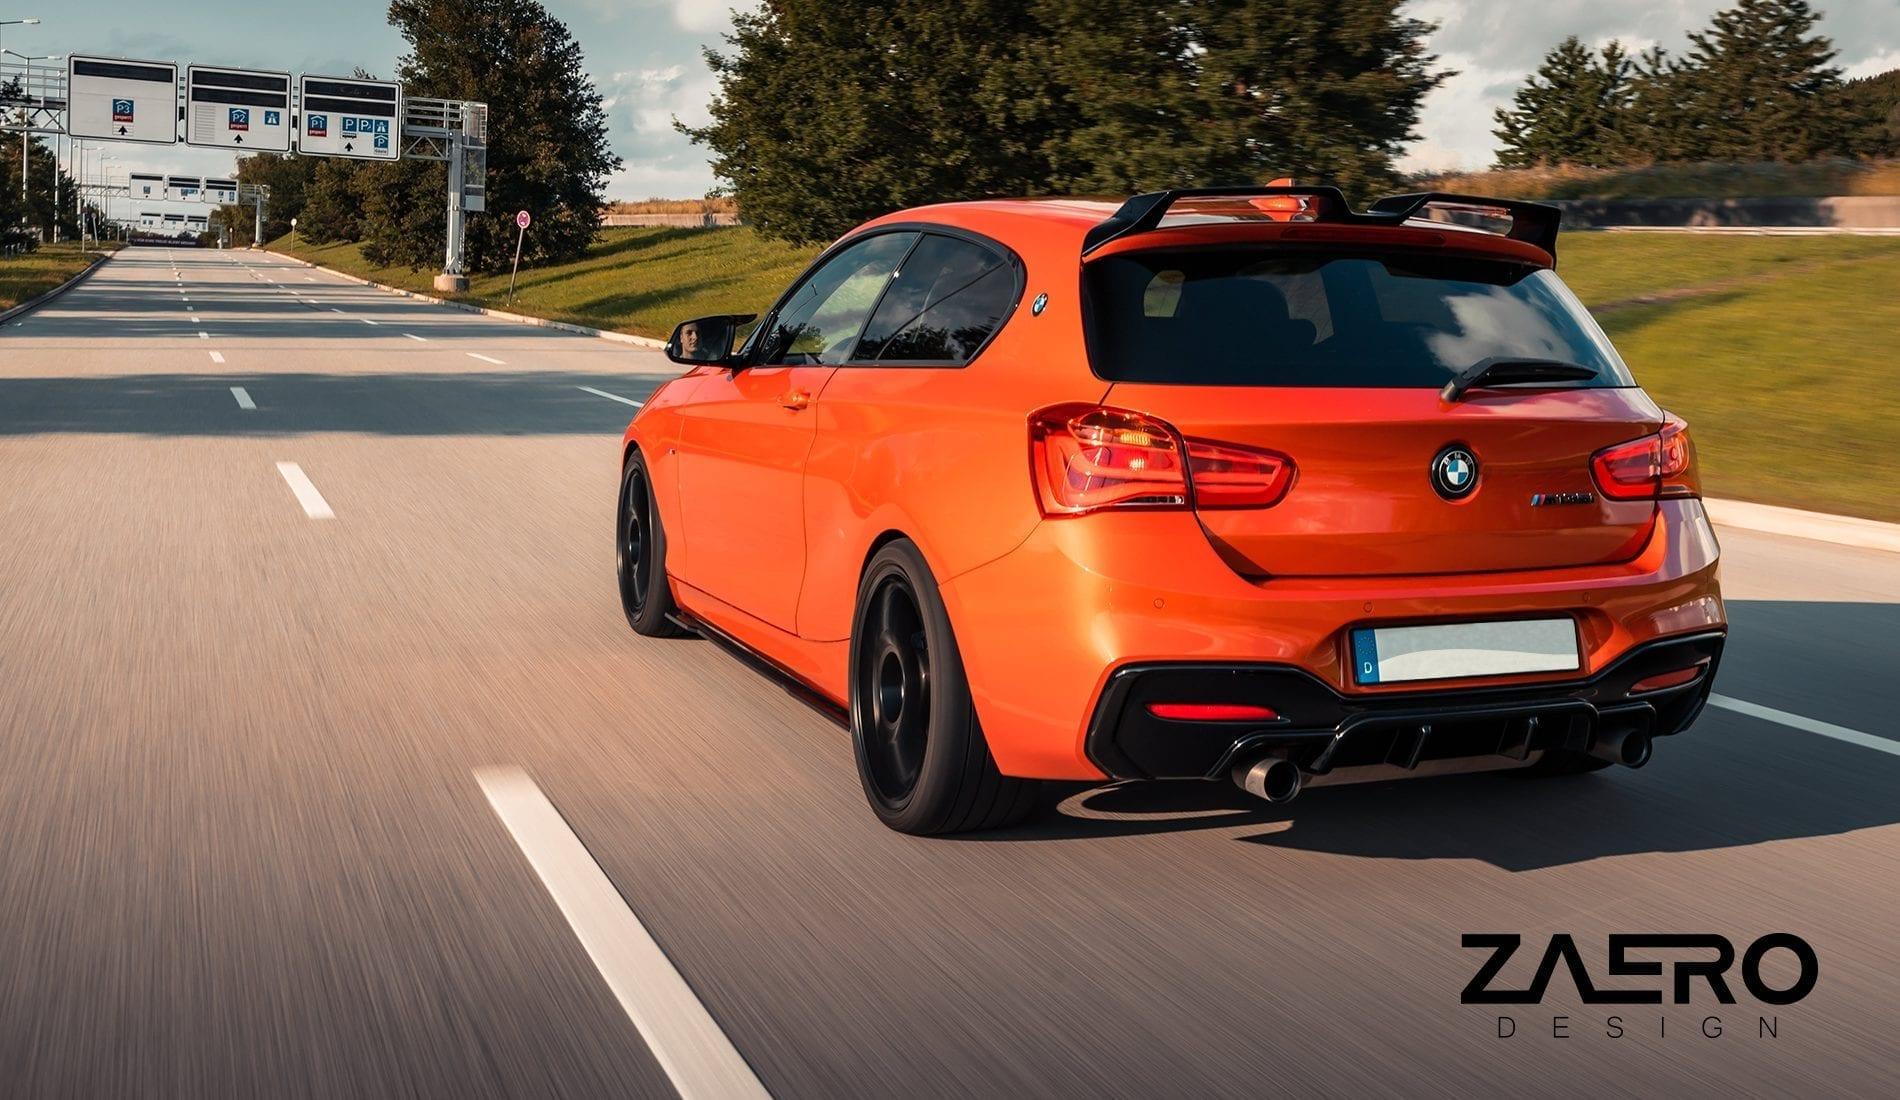 ZAERO-DESIGN-EVO-1-DIFFUSER-FOR-BMW-1-SERIES-F20-F21-M135-M140-REAR-DIFFUSER-SPOILER-BODY-KIT-EXTENSION-VALLANCE